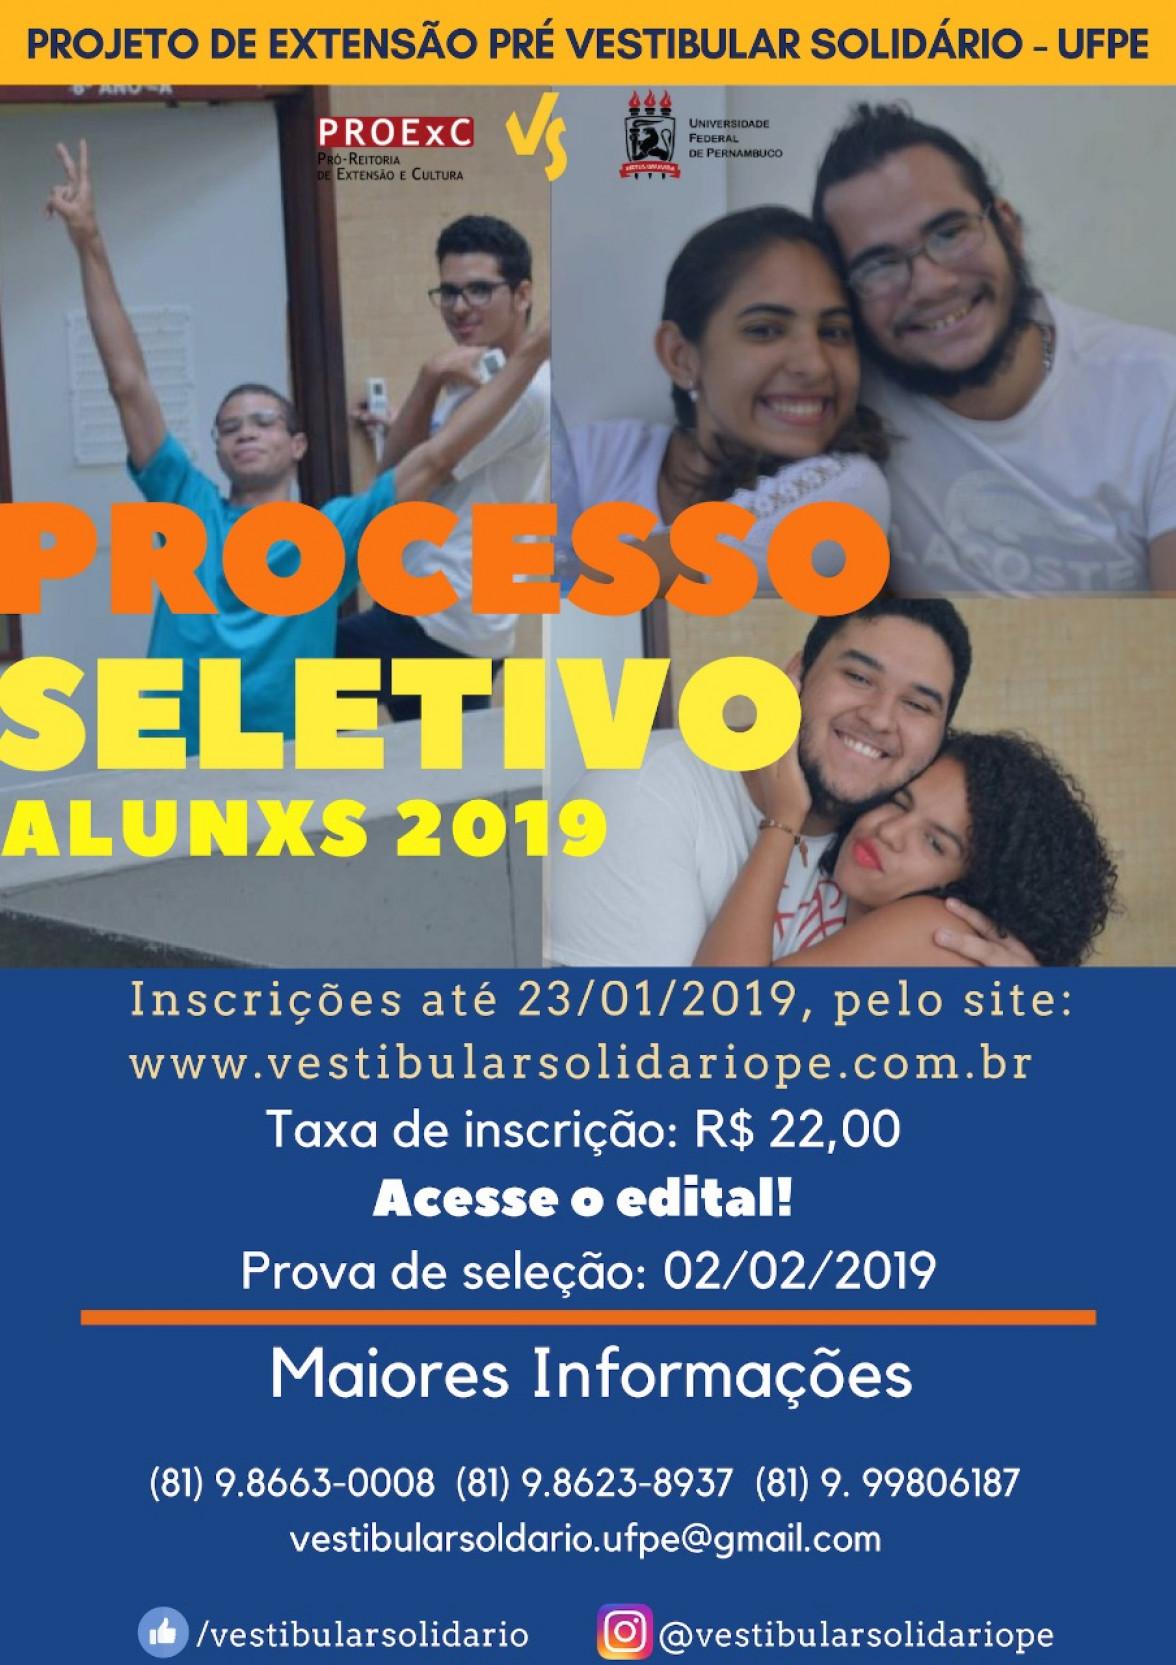 Processo seletivo vestibular solidário 2019.1